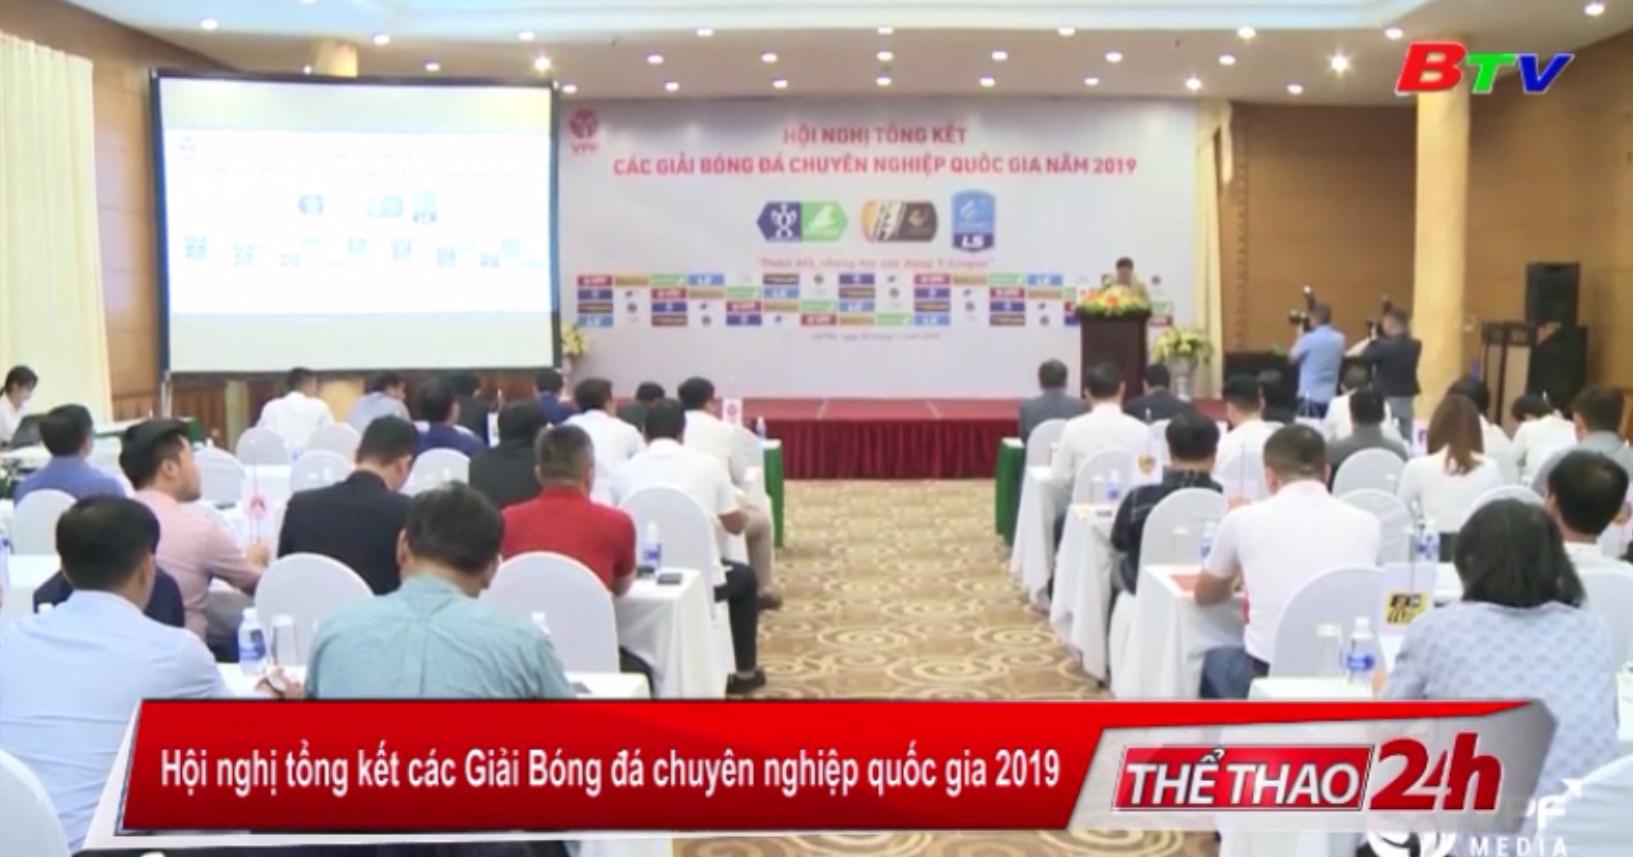 Hội nghị tổng kết các Giải Bóng đá chuyên nghiệp Quốc gia 2019